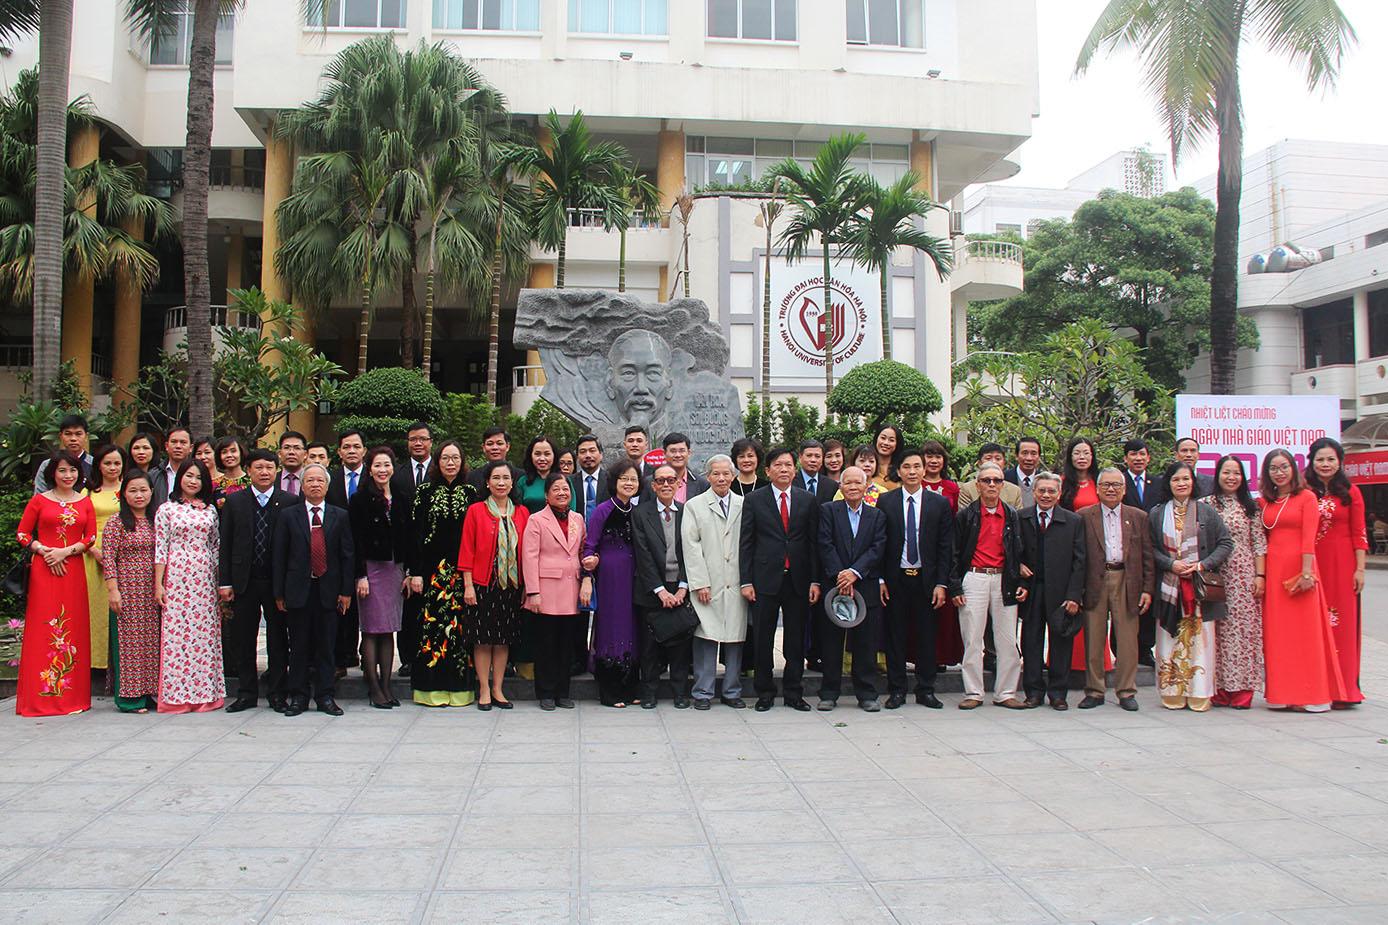 Lễ kỷ niệm Chào mừng Ngày Nhà giáo Việt Nam 20 - 11